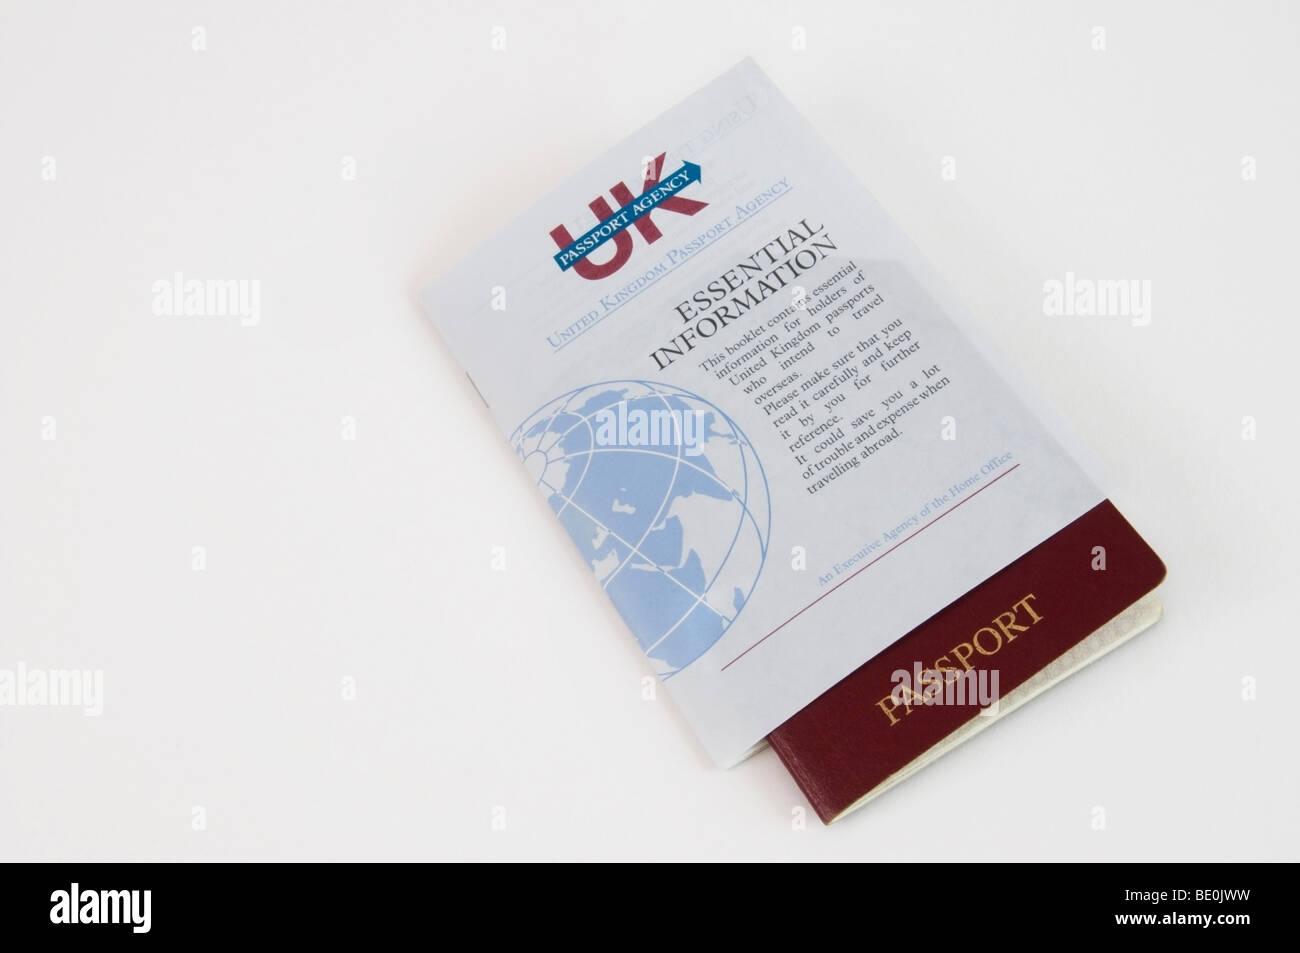 Pasaporte del Reino Unido Agencia folleto con información esencial cuando viaje Foto de stock